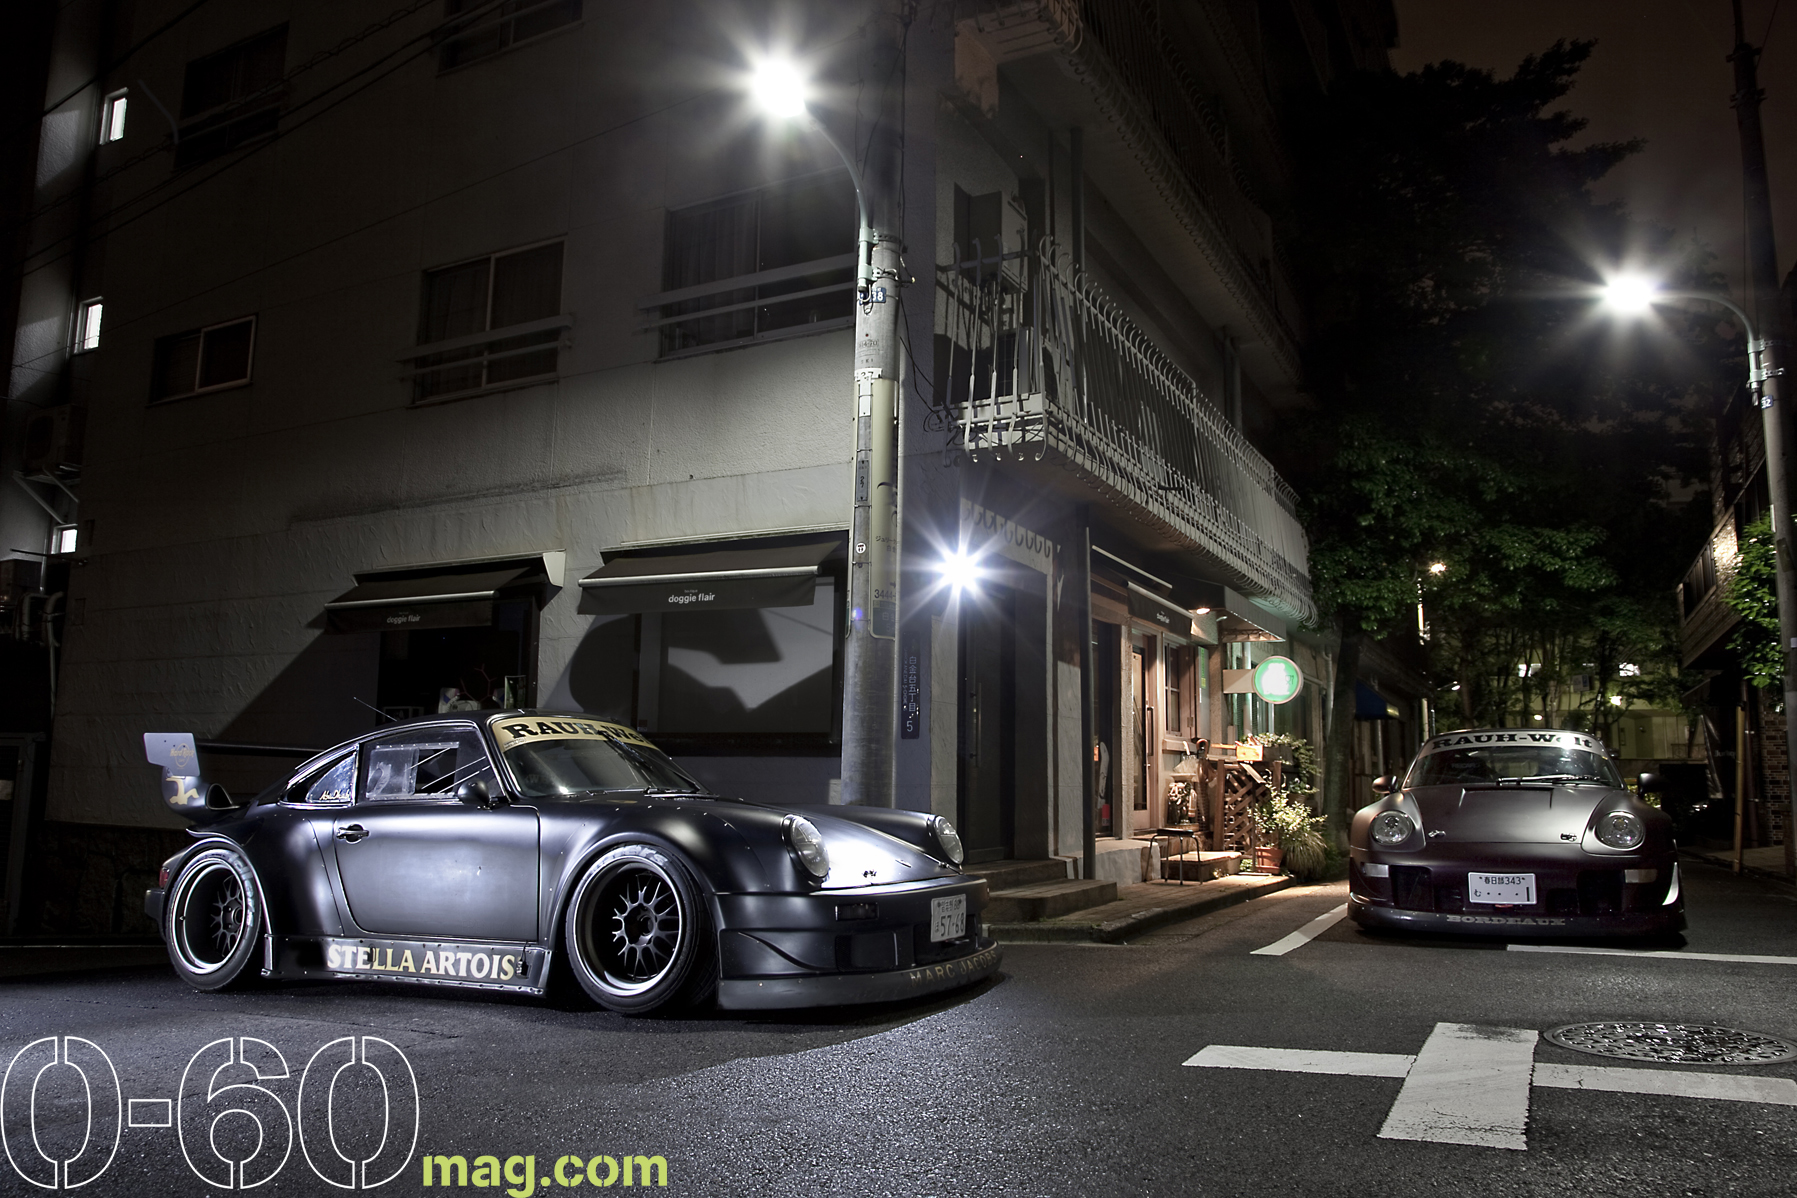 Car Wheel Hd Wallpaper Rwb Porsches The Freshest